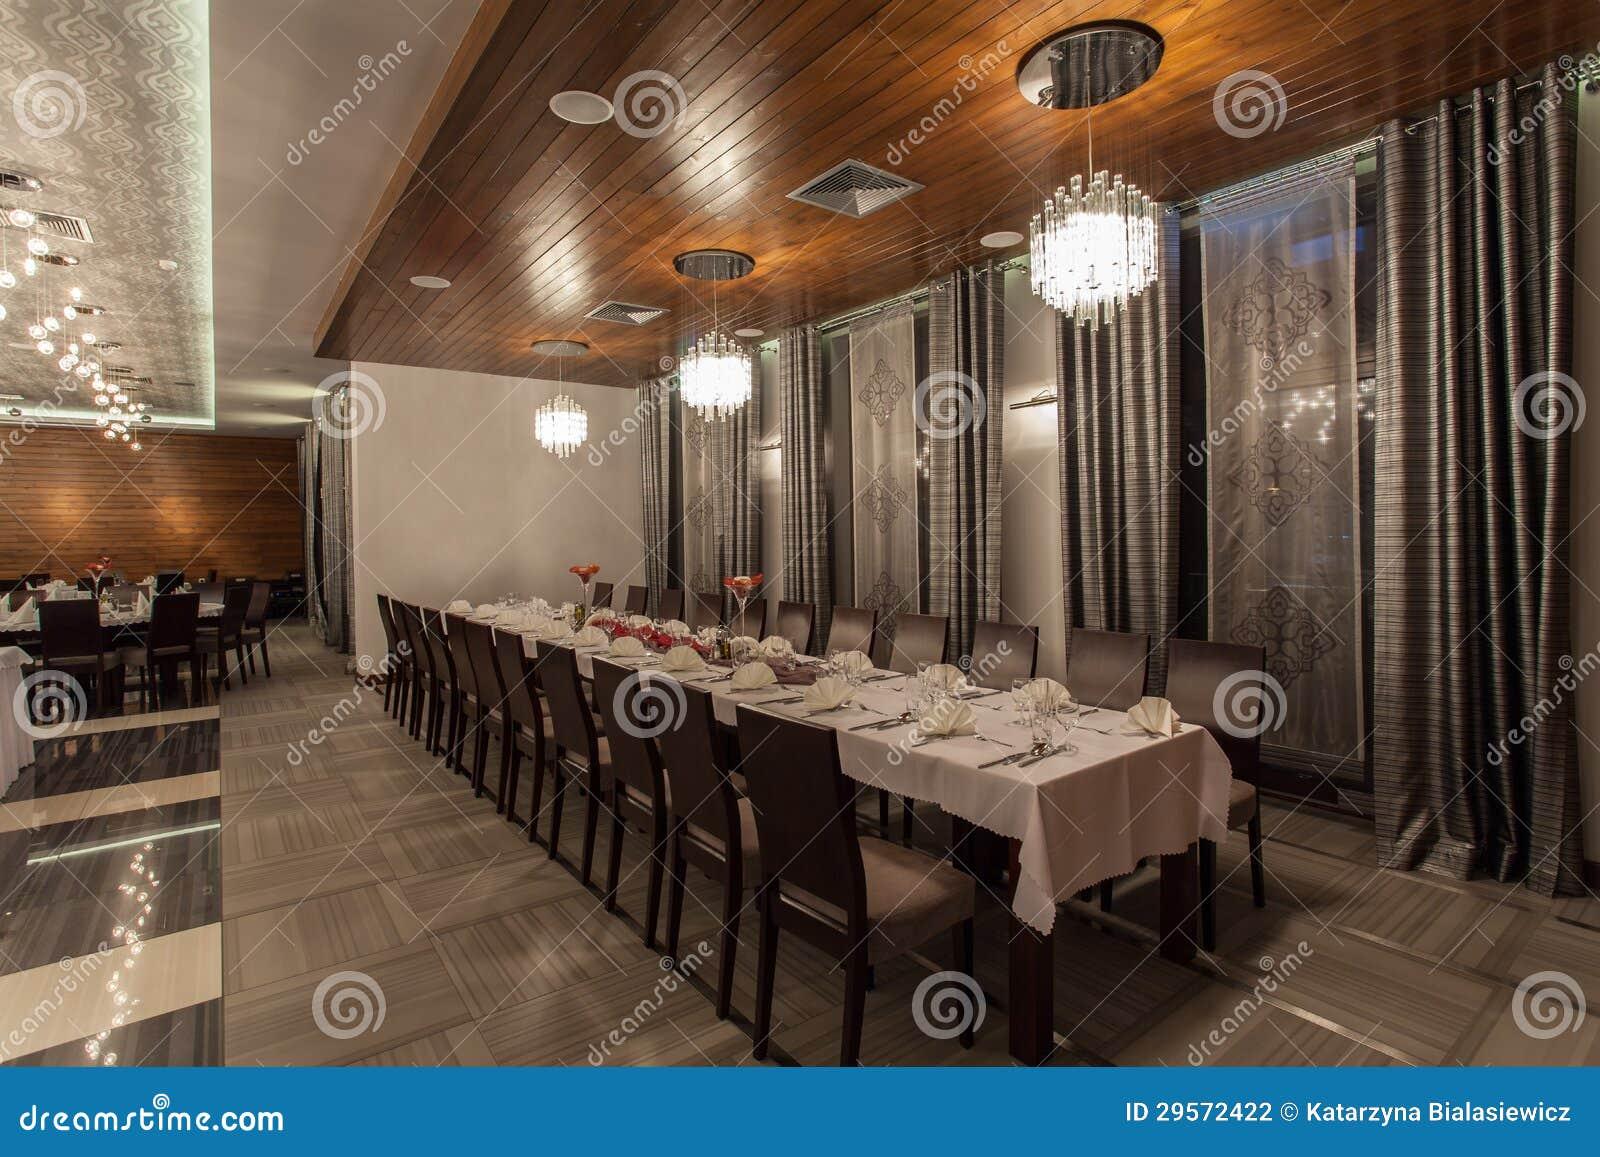 Woodland hotel - Table set